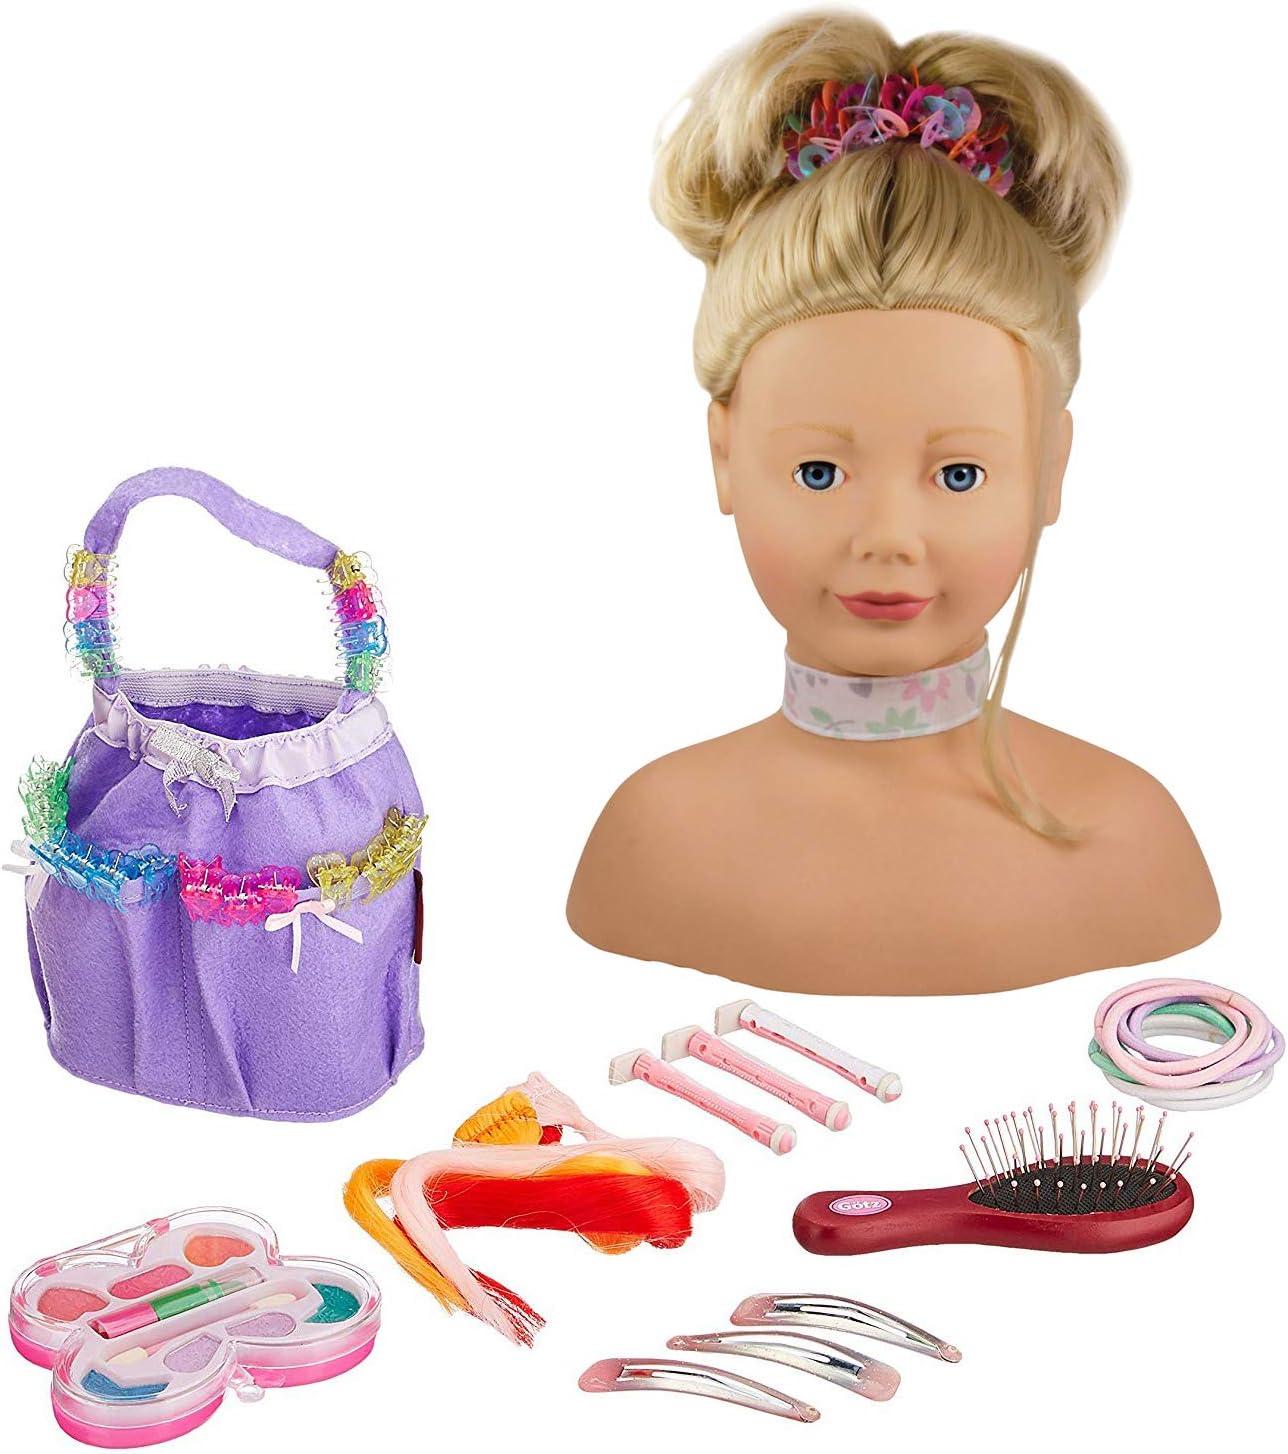 Gotz 1192052 Peluquín con Pelo Rubio y Ojos Azules - 28 cm Alta Cabezal de Maquillaje / Cabezal de Vestir - Juego de 58 Piezas - Adecuado para niñas a Partir de 3 años